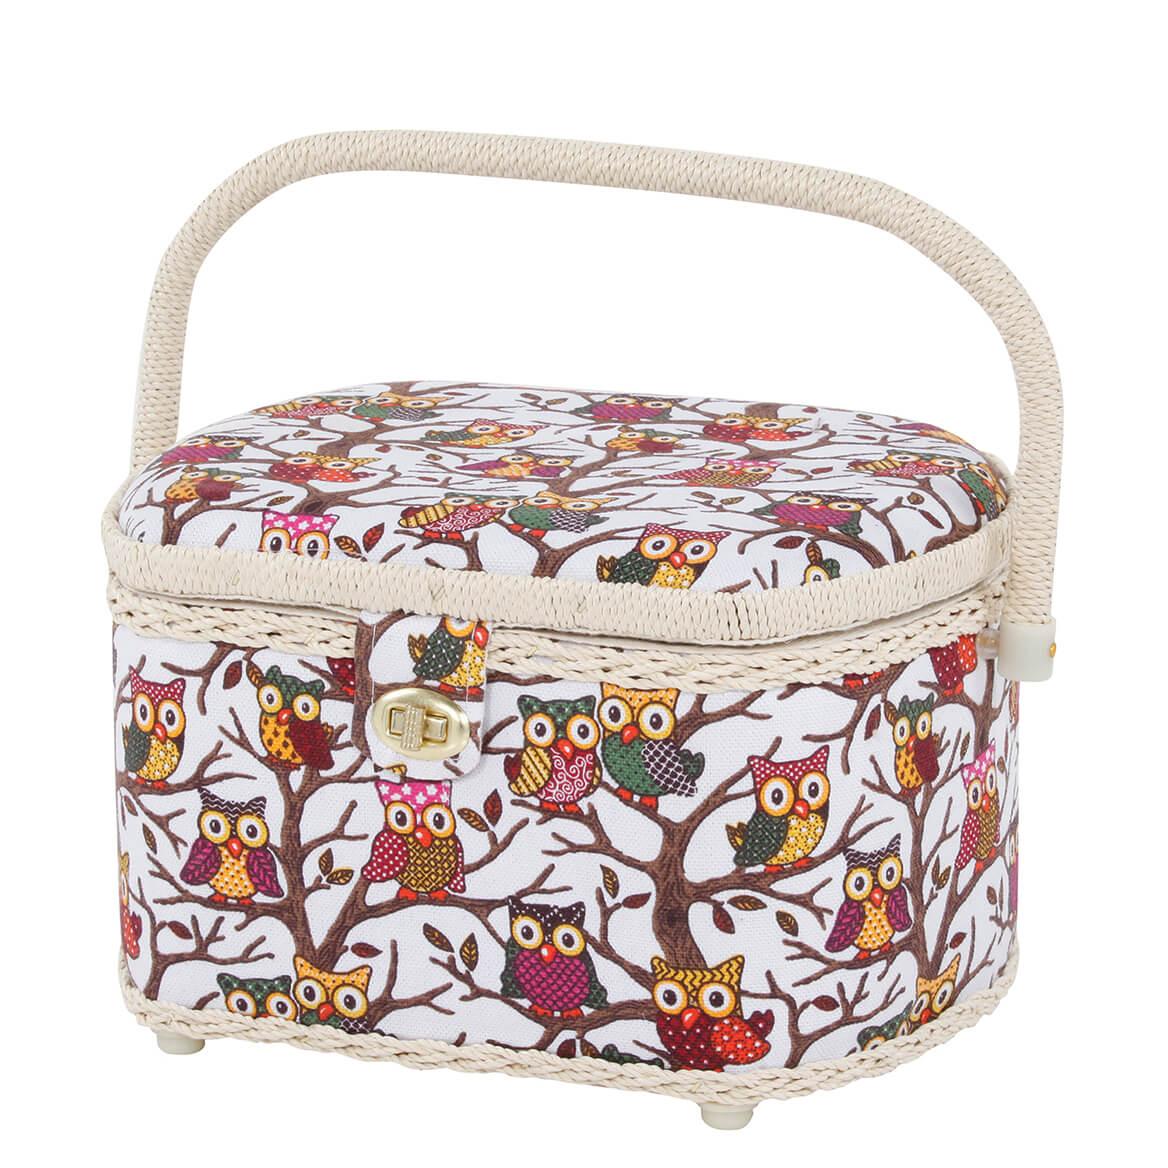 Owl Sewing Basket-369935